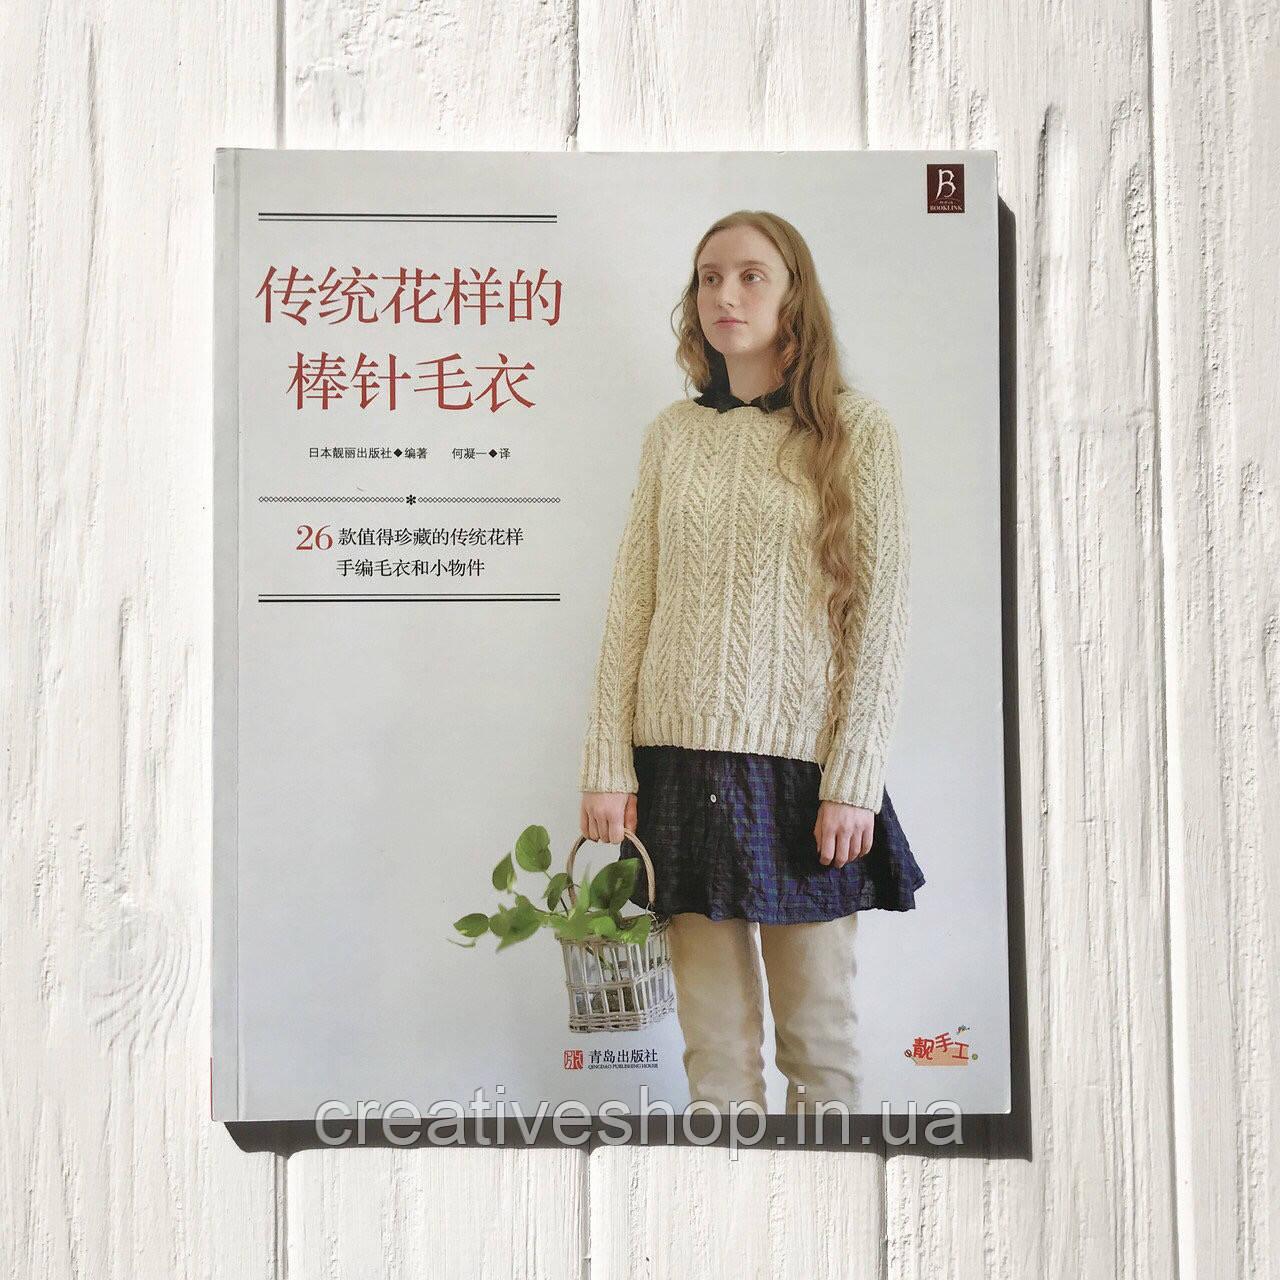 """Японский журнал по вязанию """"26 моделей спицами"""""""